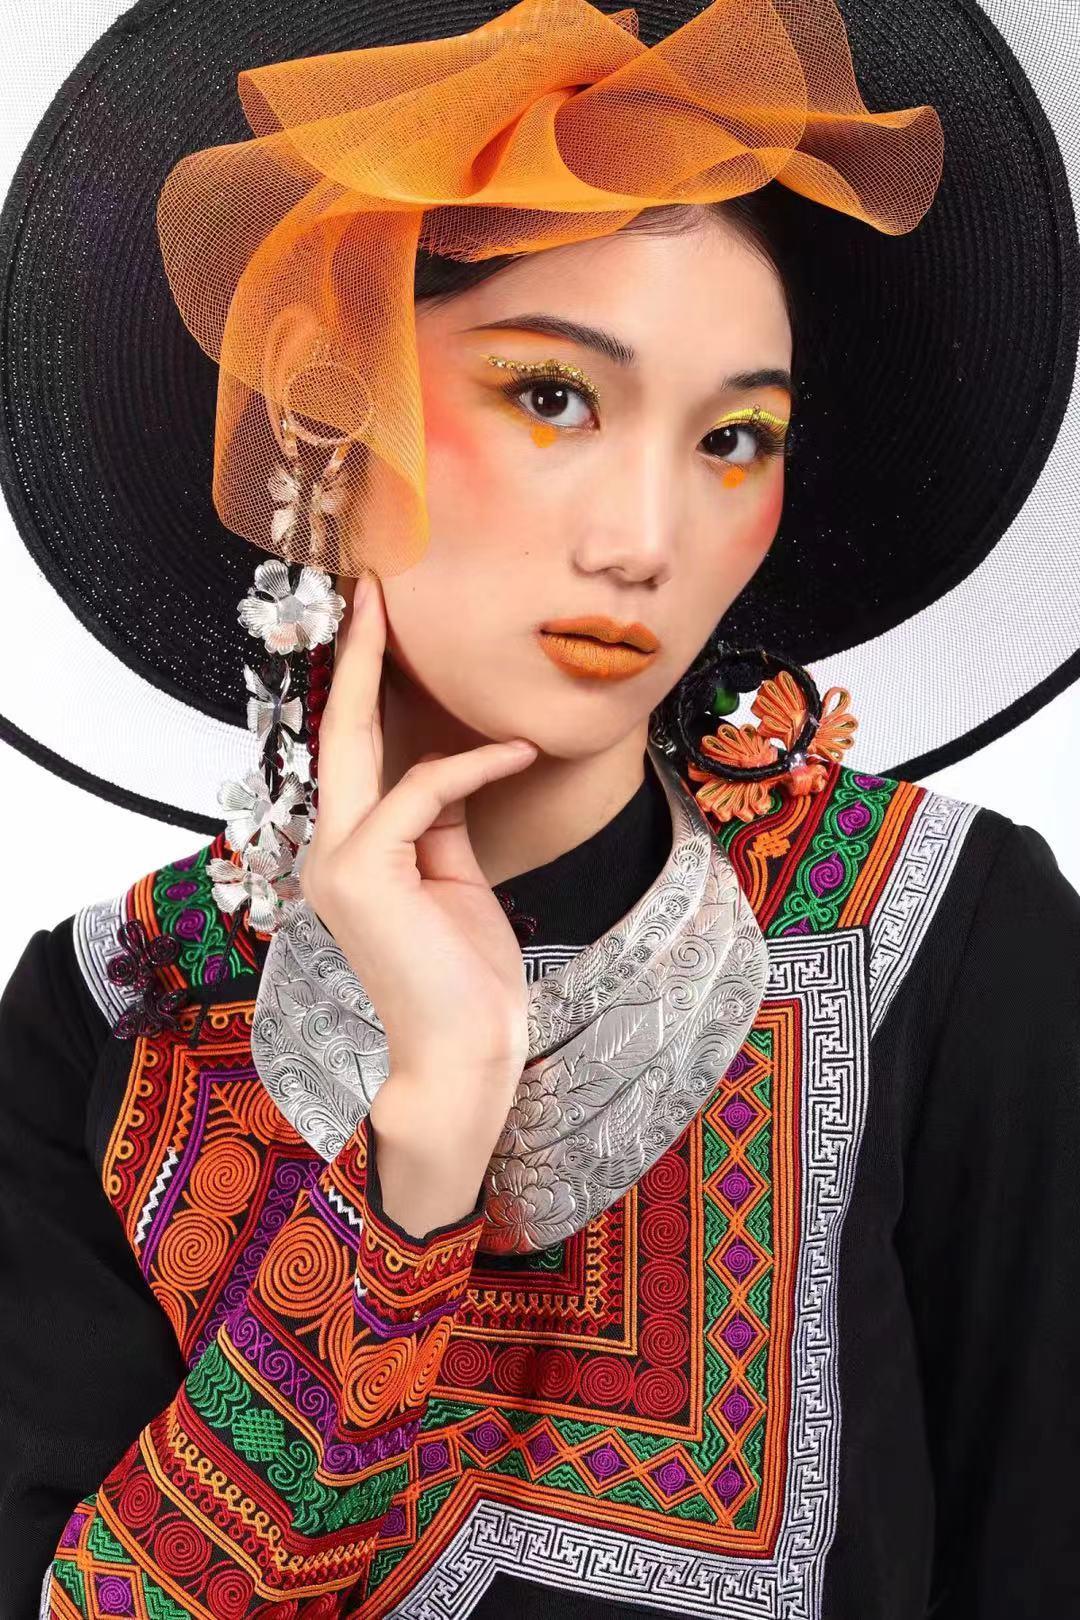 在化妆学校学习了各种发型的教法   比如森系 花苞  蝴蝶结   秀禾  敬酒  抽丝